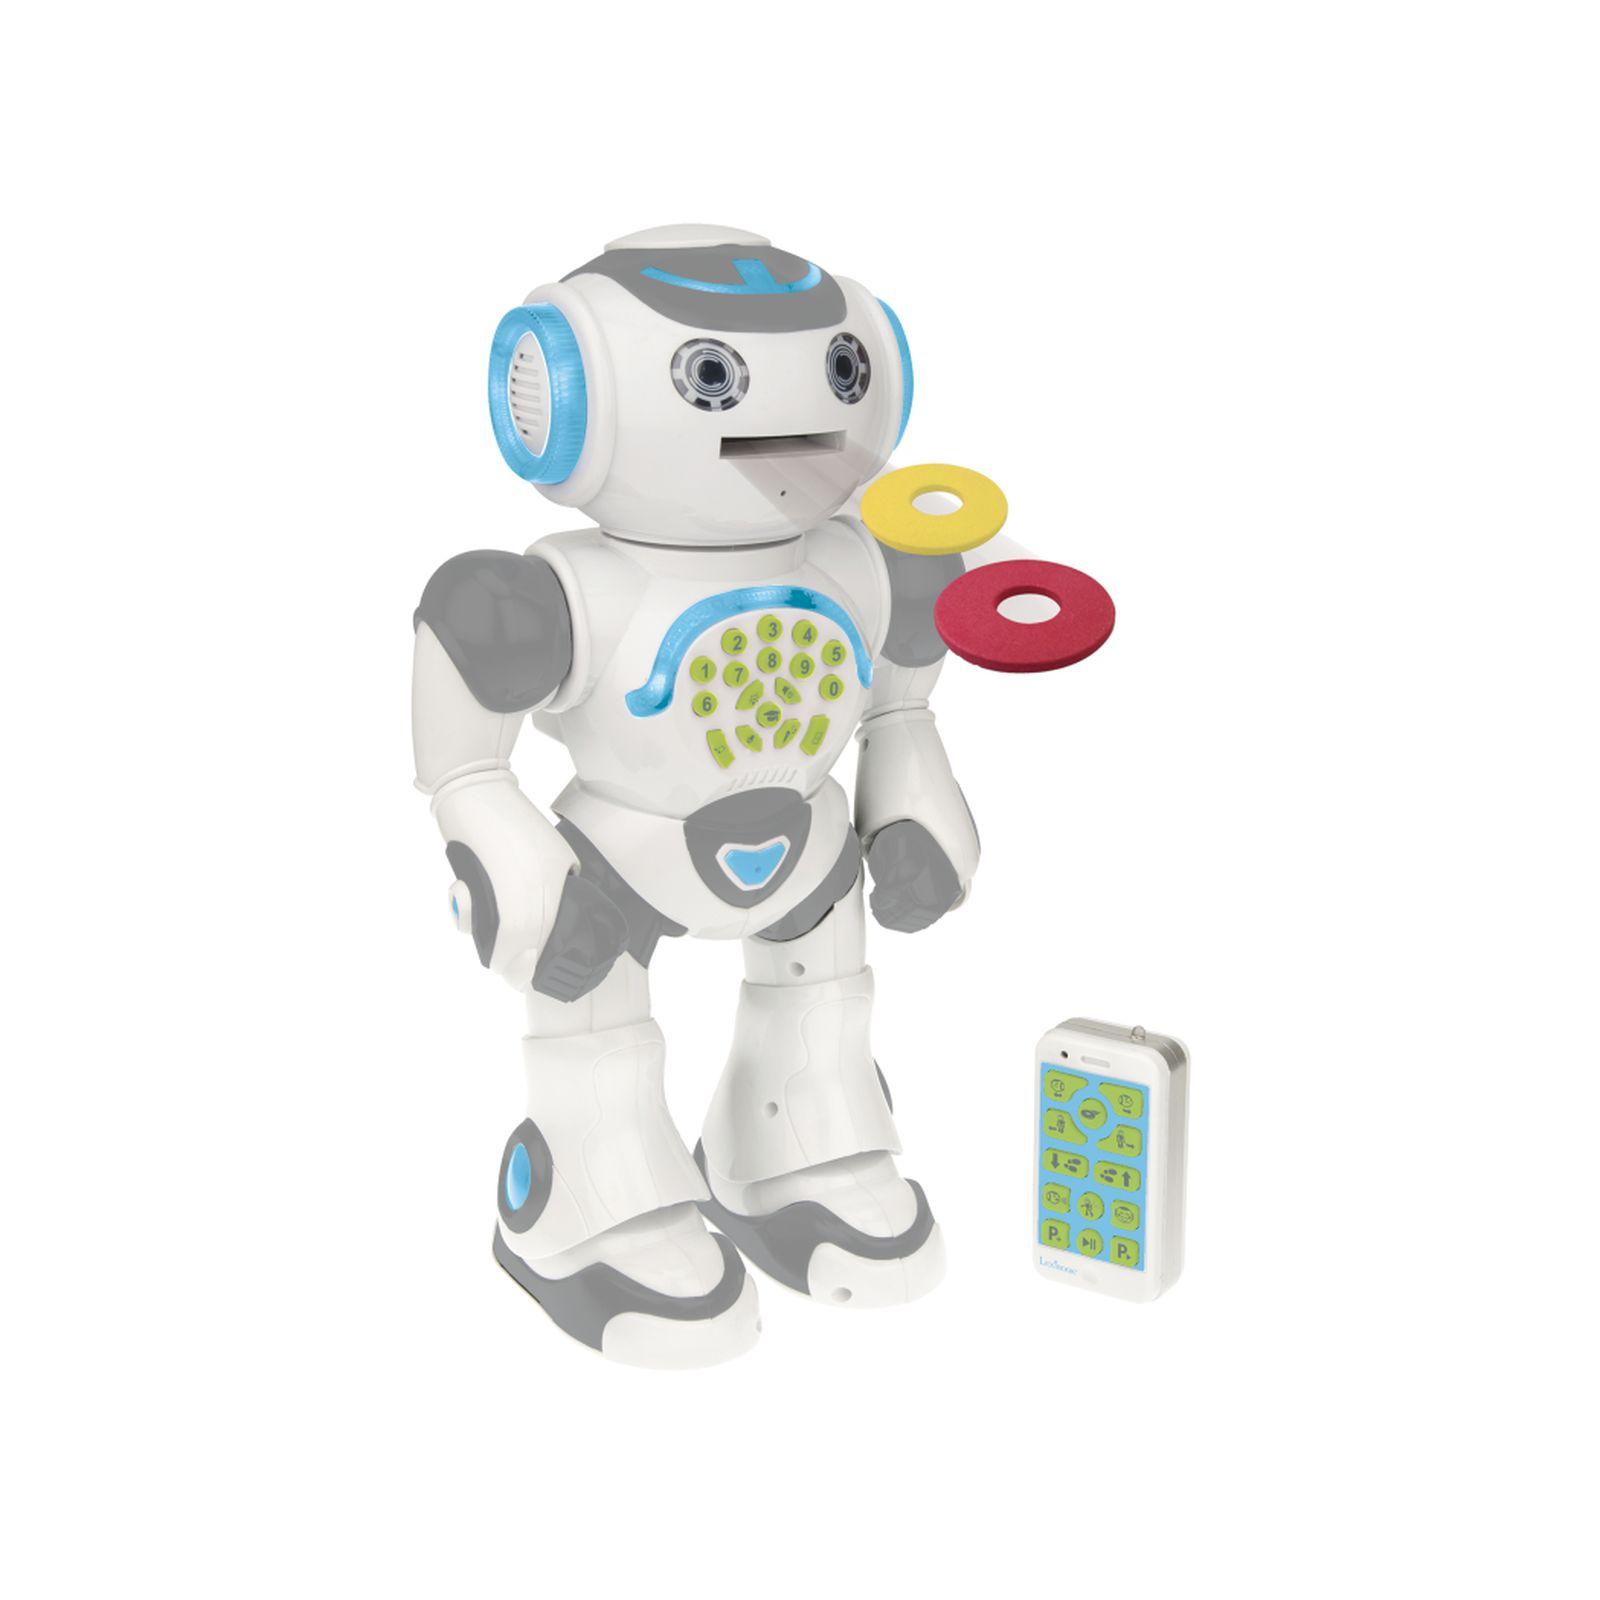 Robot powerman - INVINCIBLE HEROES